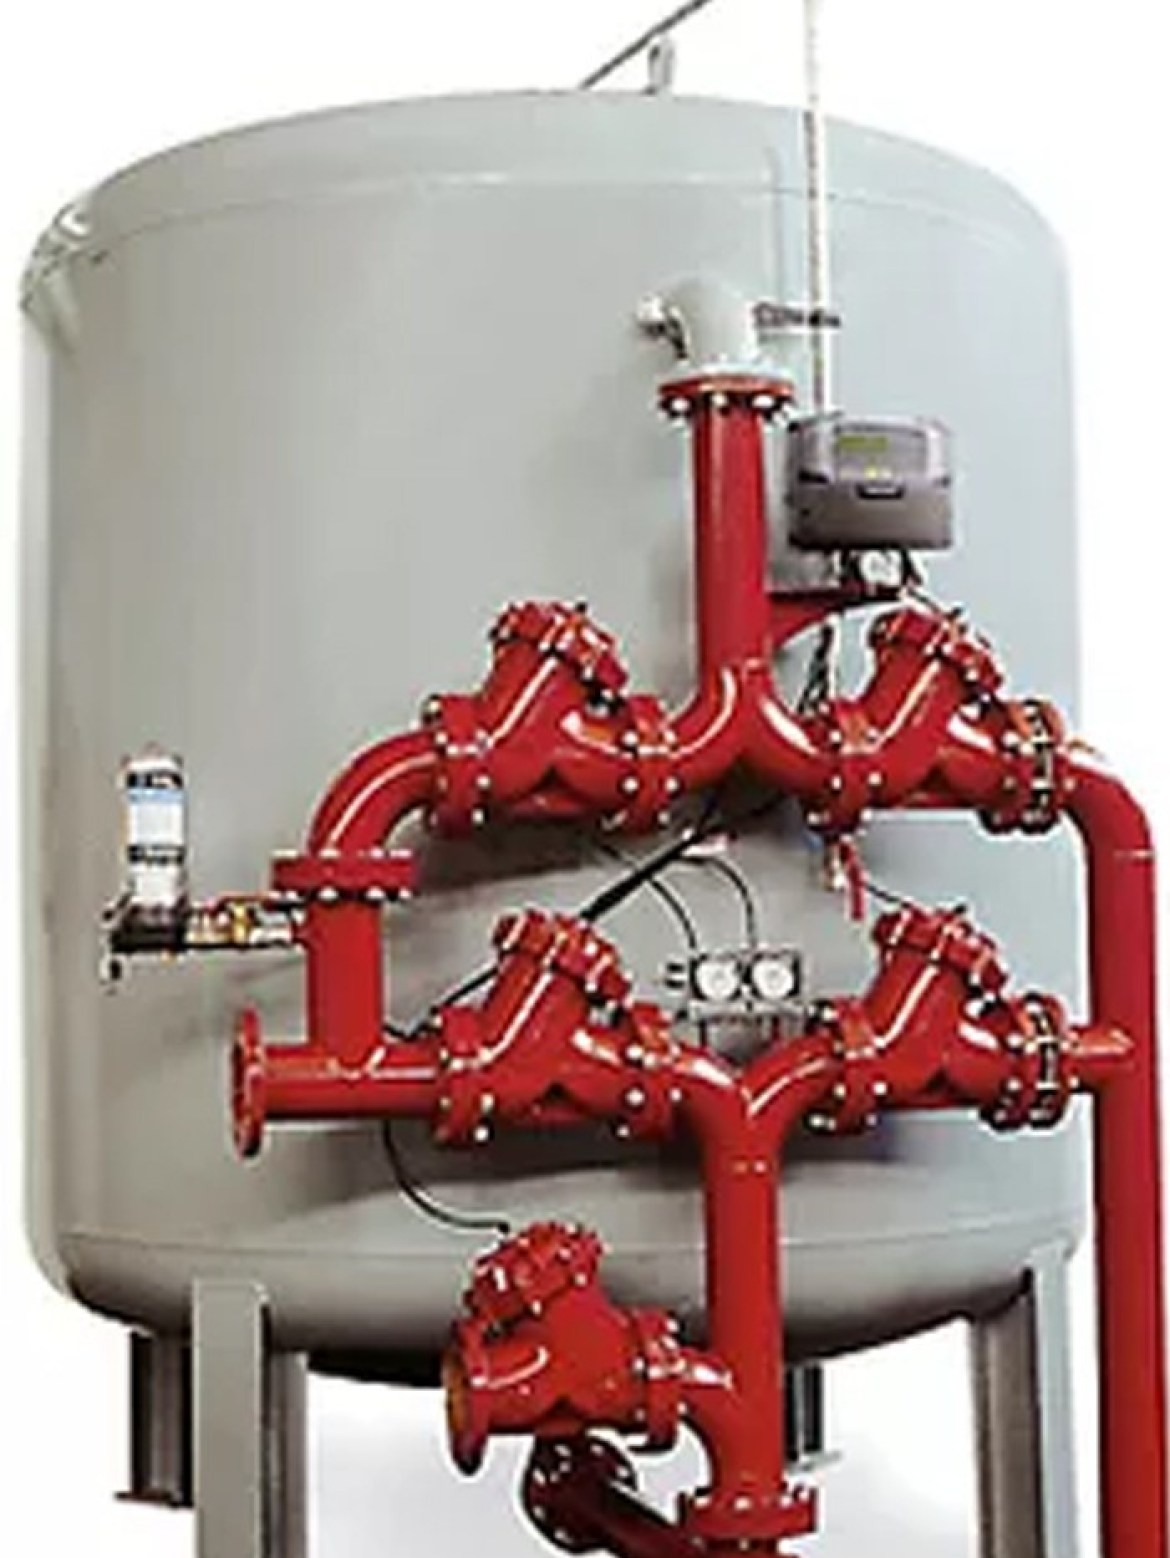 Masella, Sorical costruirà impianto per abbattere la concentrazione di arsenico 04 5 383x510